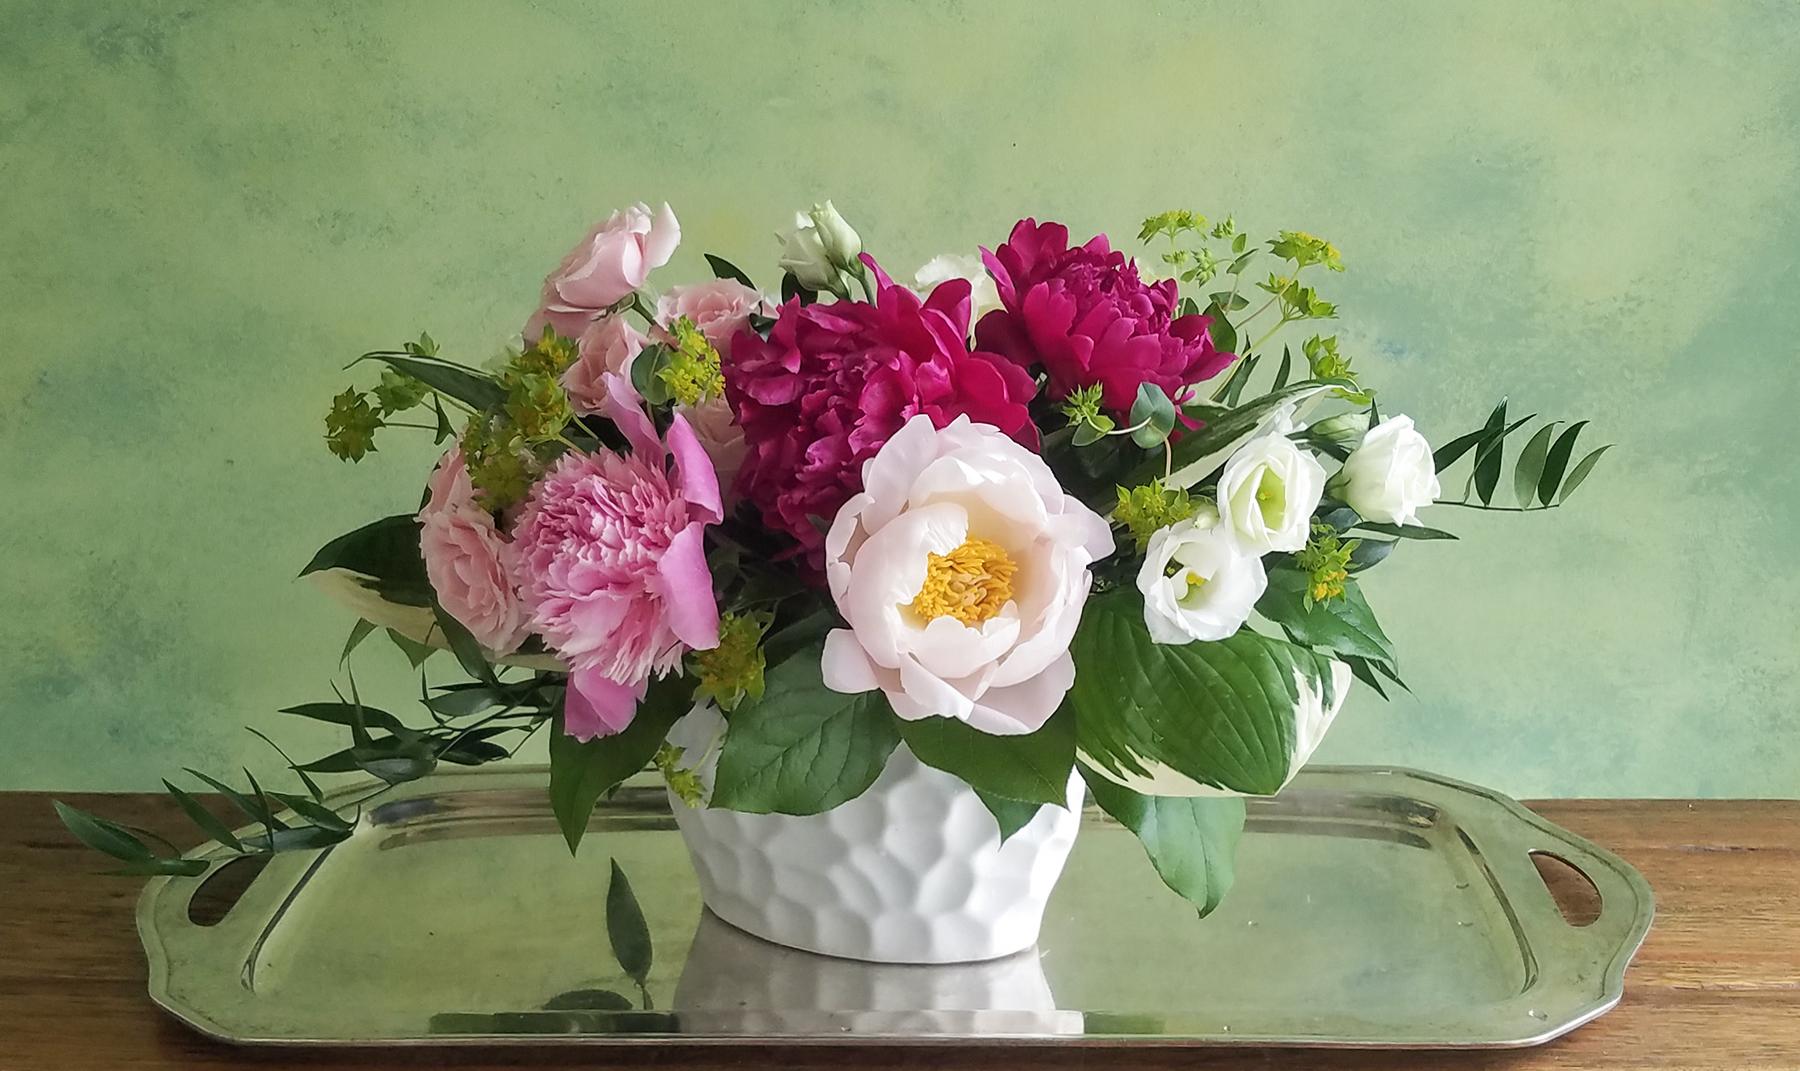 late spring flowers poetry of peonies queen of spring blooms